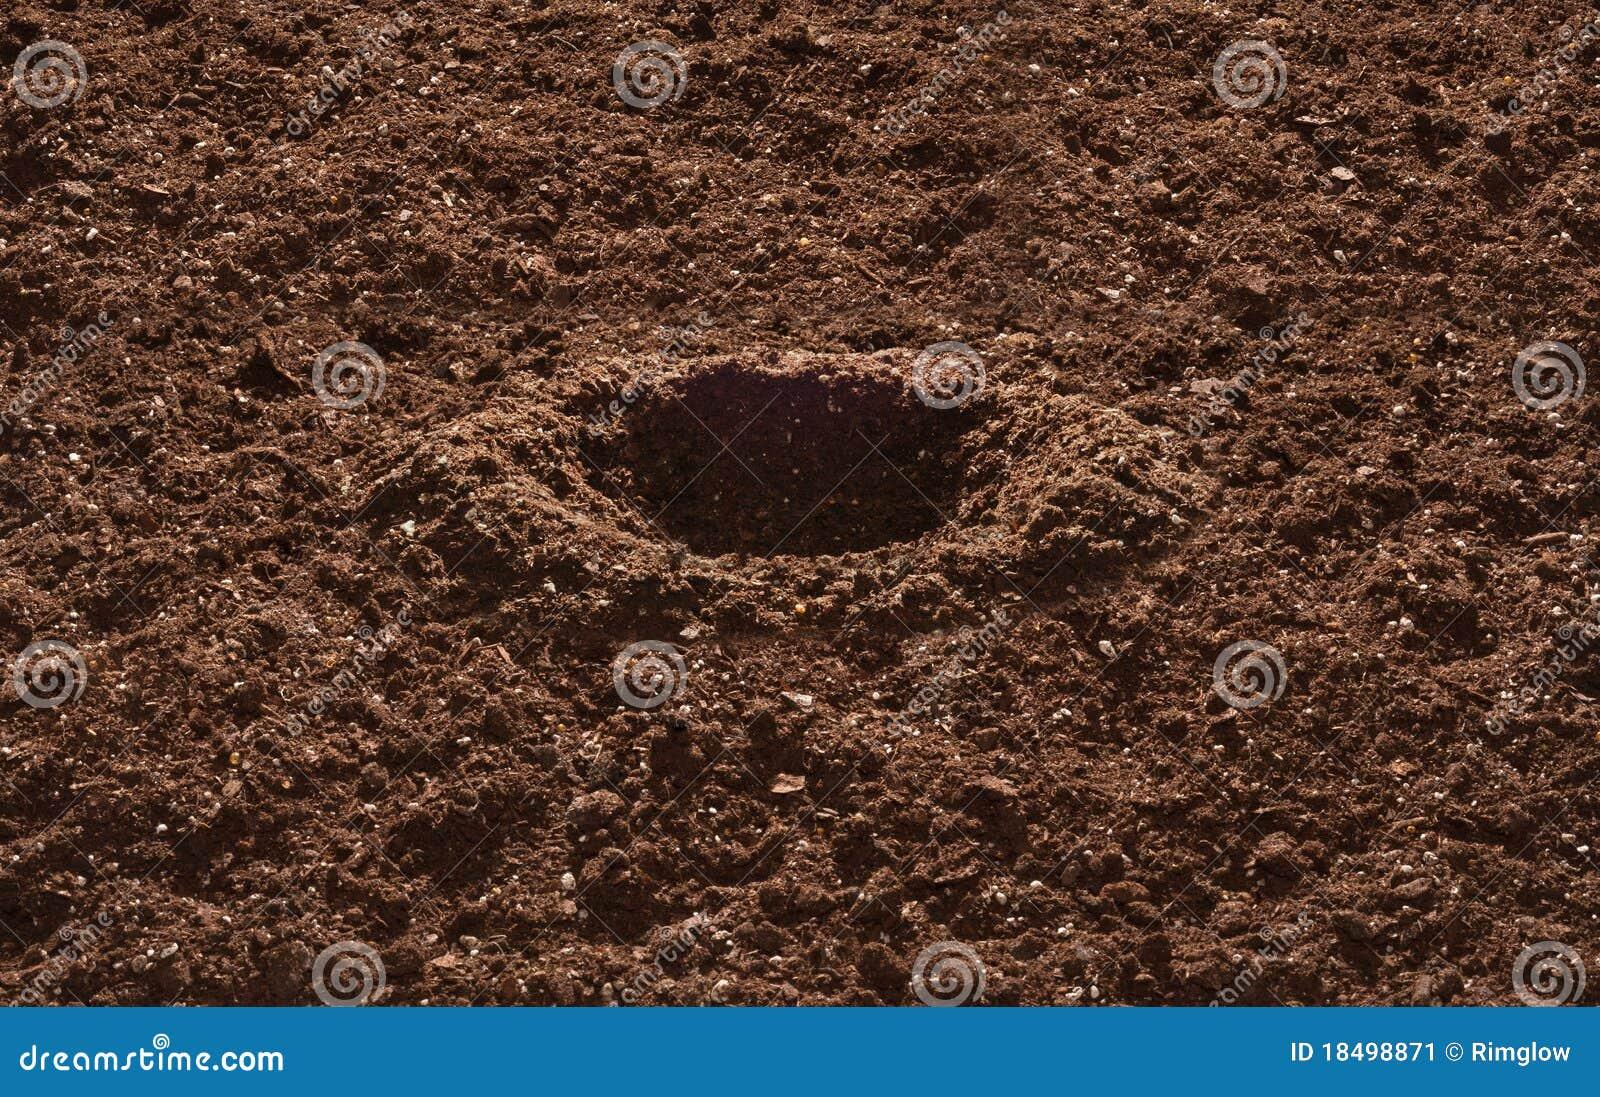 Garten Boden Stockbild Bild Von Landwirtschaft Boden 18498871